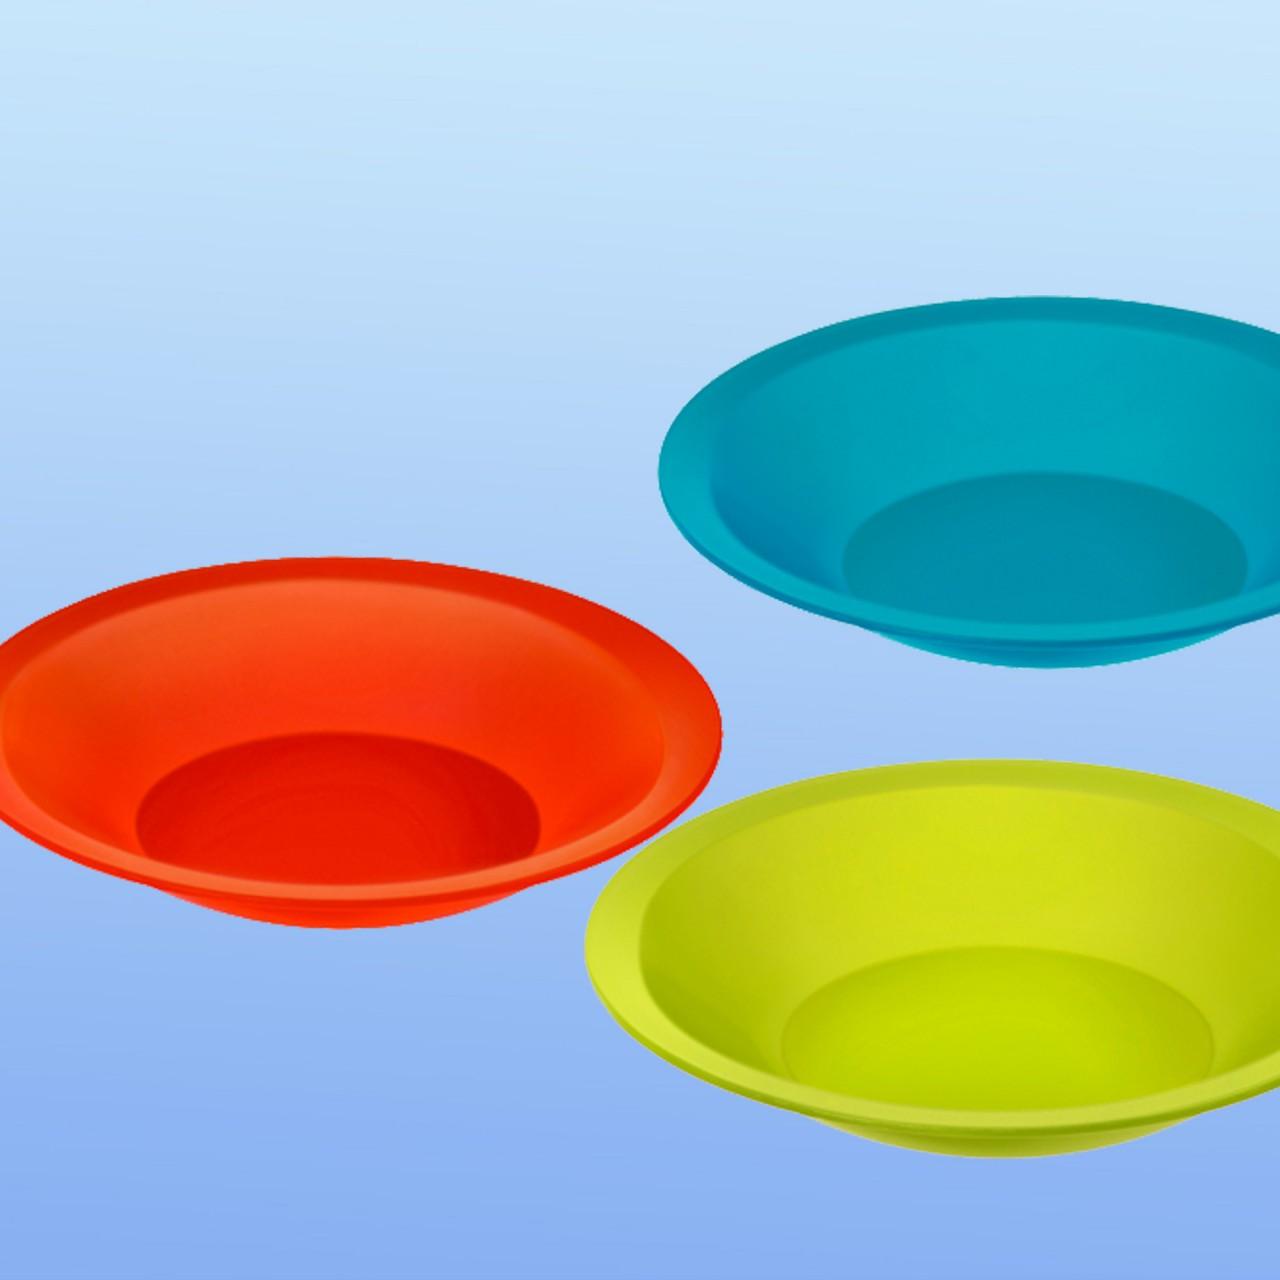 Suppen-Teller farbig |210 mm Ø, rund